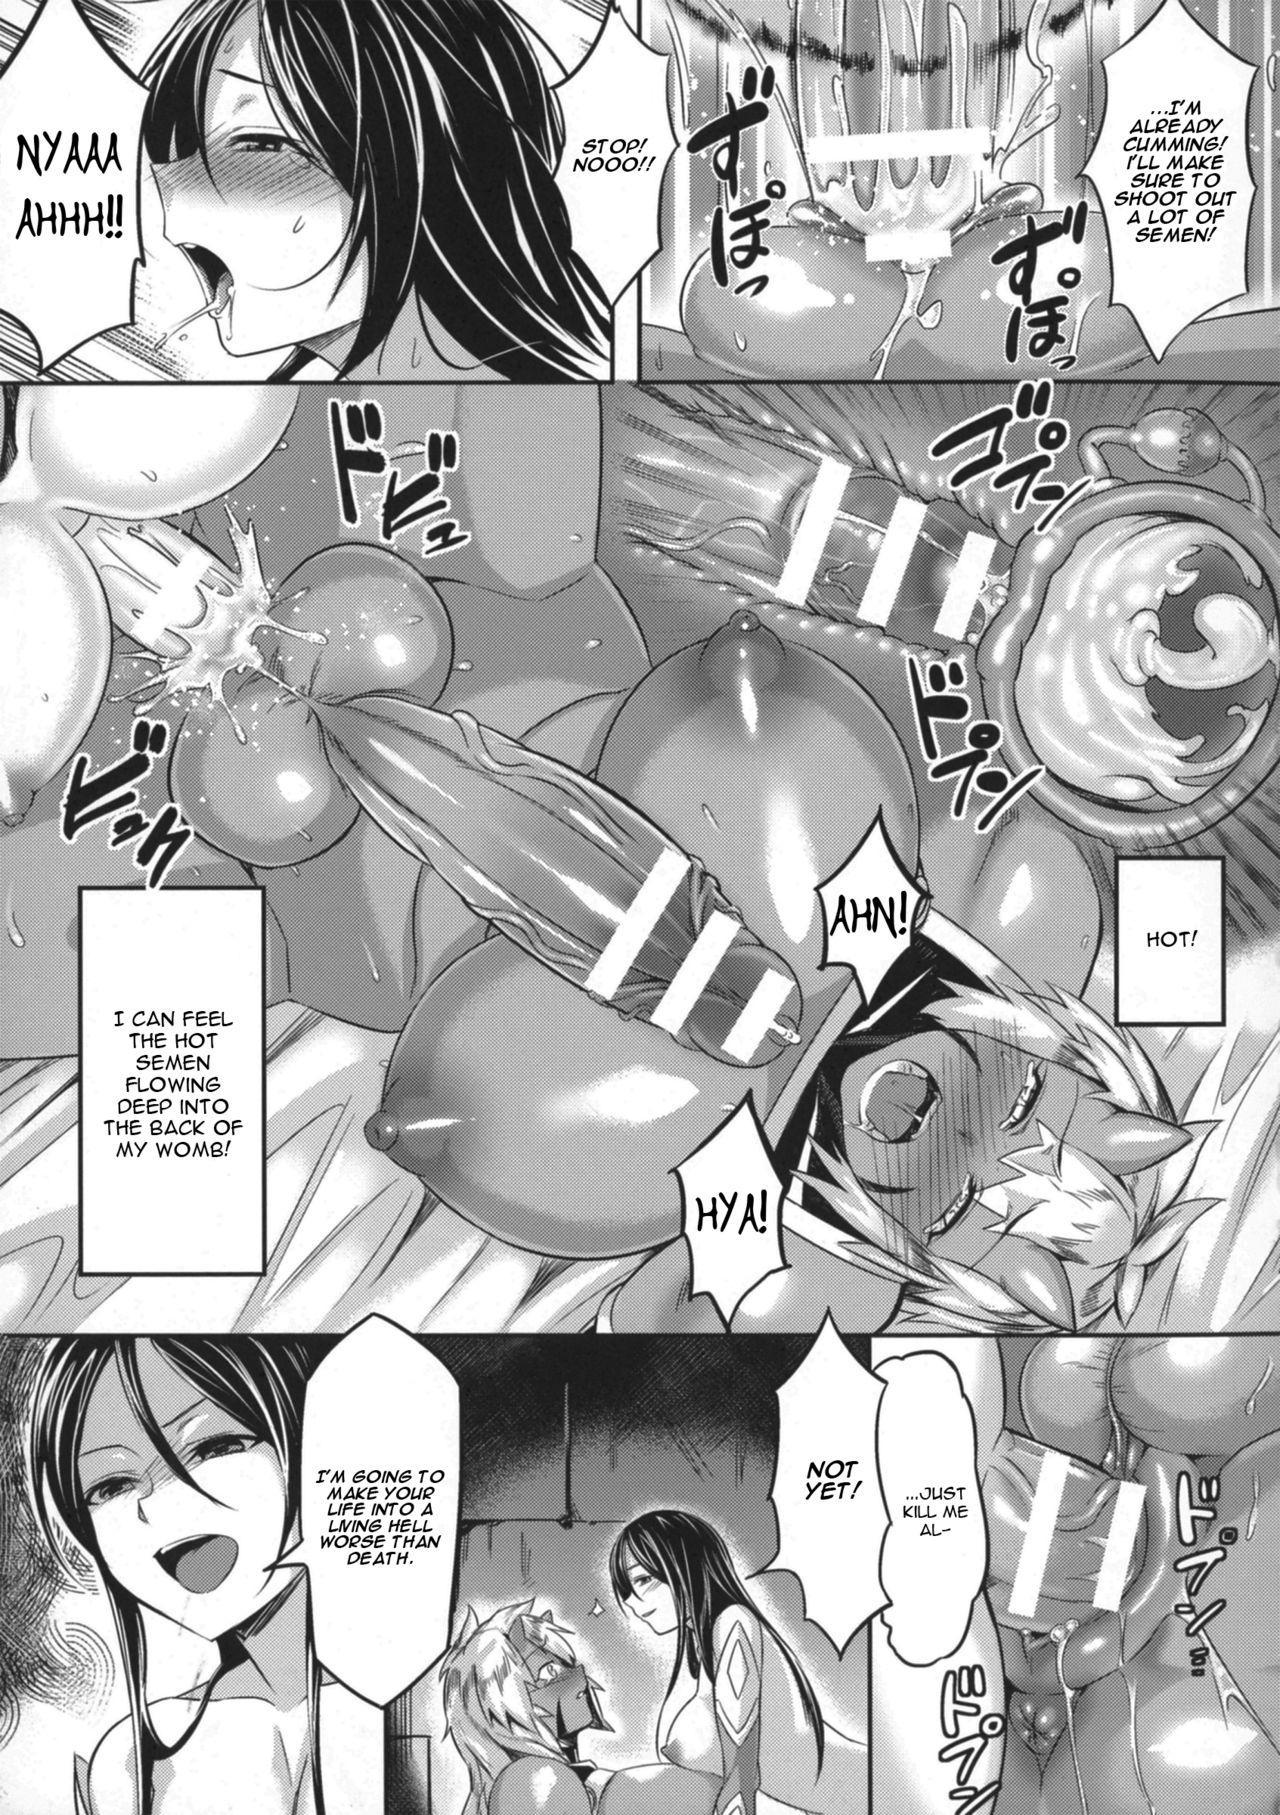 [Vuttya] Futanari Inki Helga ~Madoushi ni Gyaku Rape~ | Demonic Futanari Helga ~ Reverse Raped By Mage ~ (2D Comic Magazine Futanari Musume ni Nakadashi Haramase!) [English] [artfish] 15